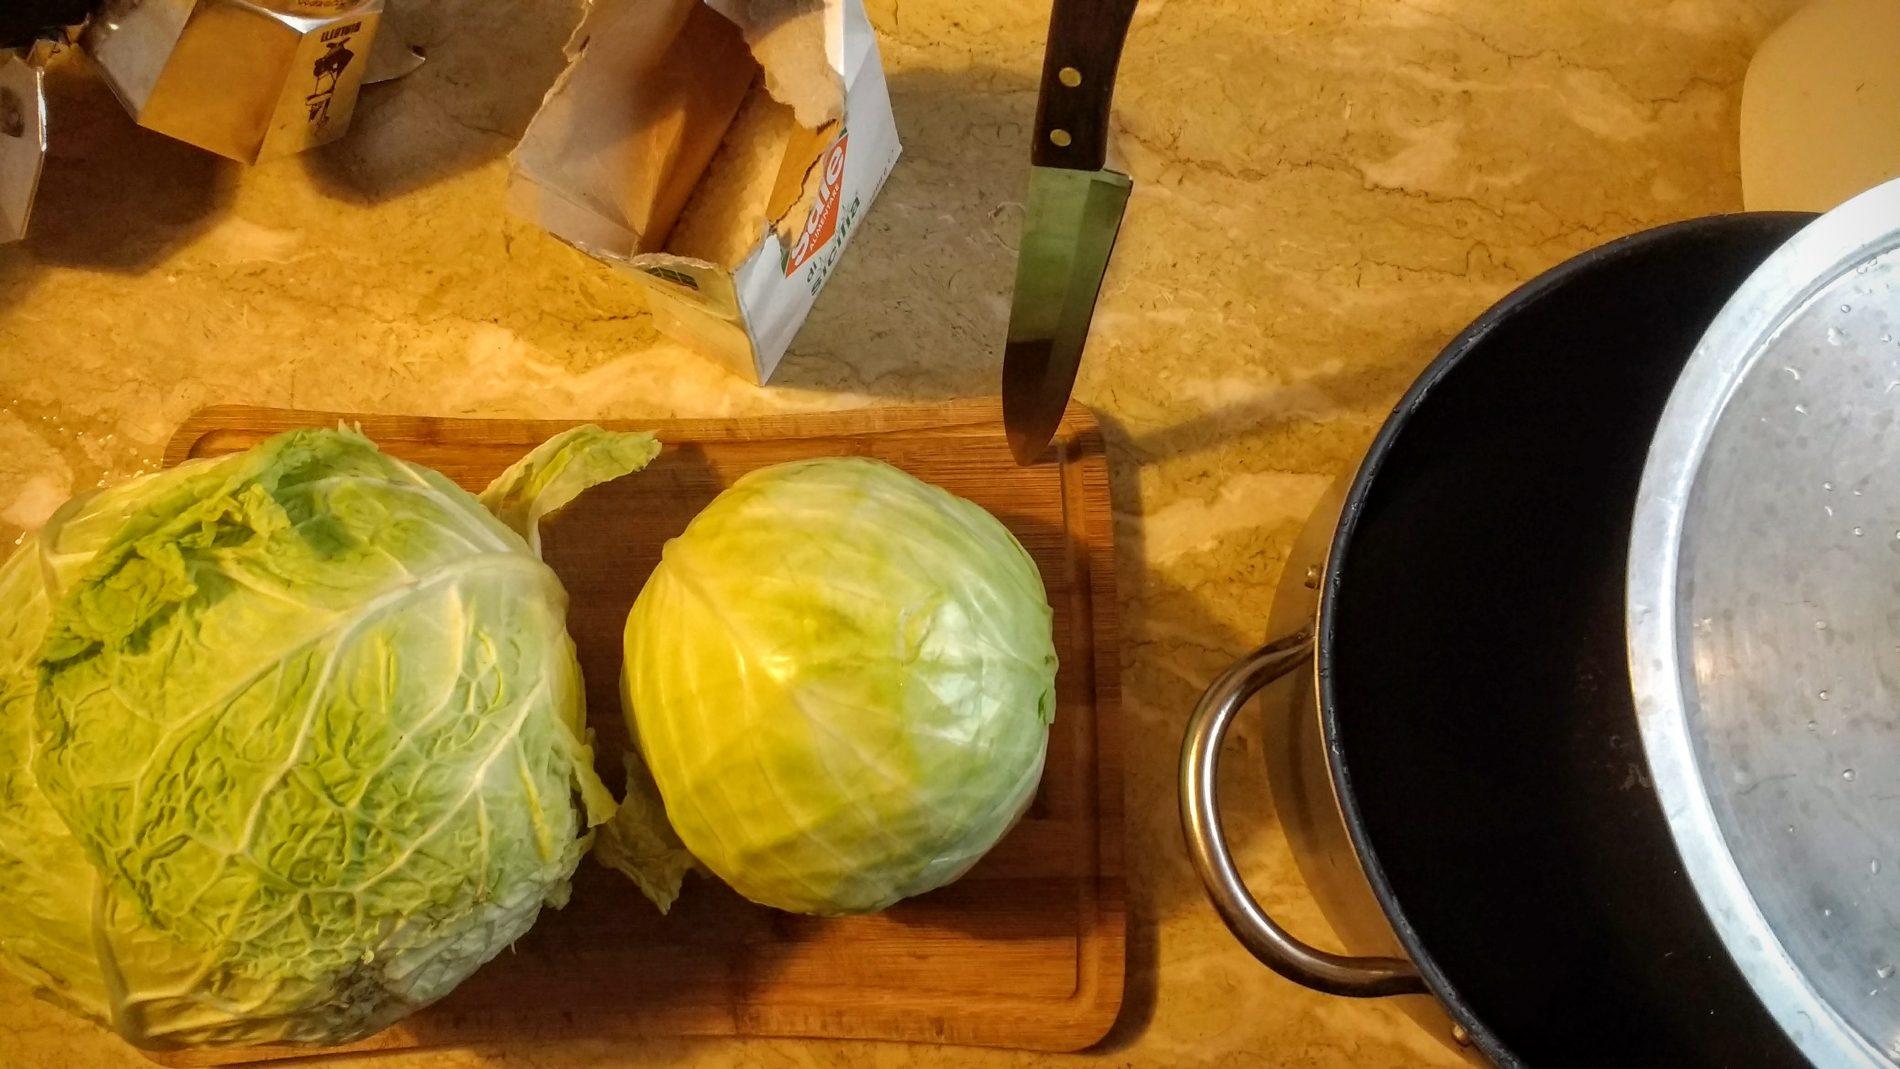 Verza e Cavolo insieme doneranno consistenze diverse ai vostri Crauti, morbida la prima croccante il secondo